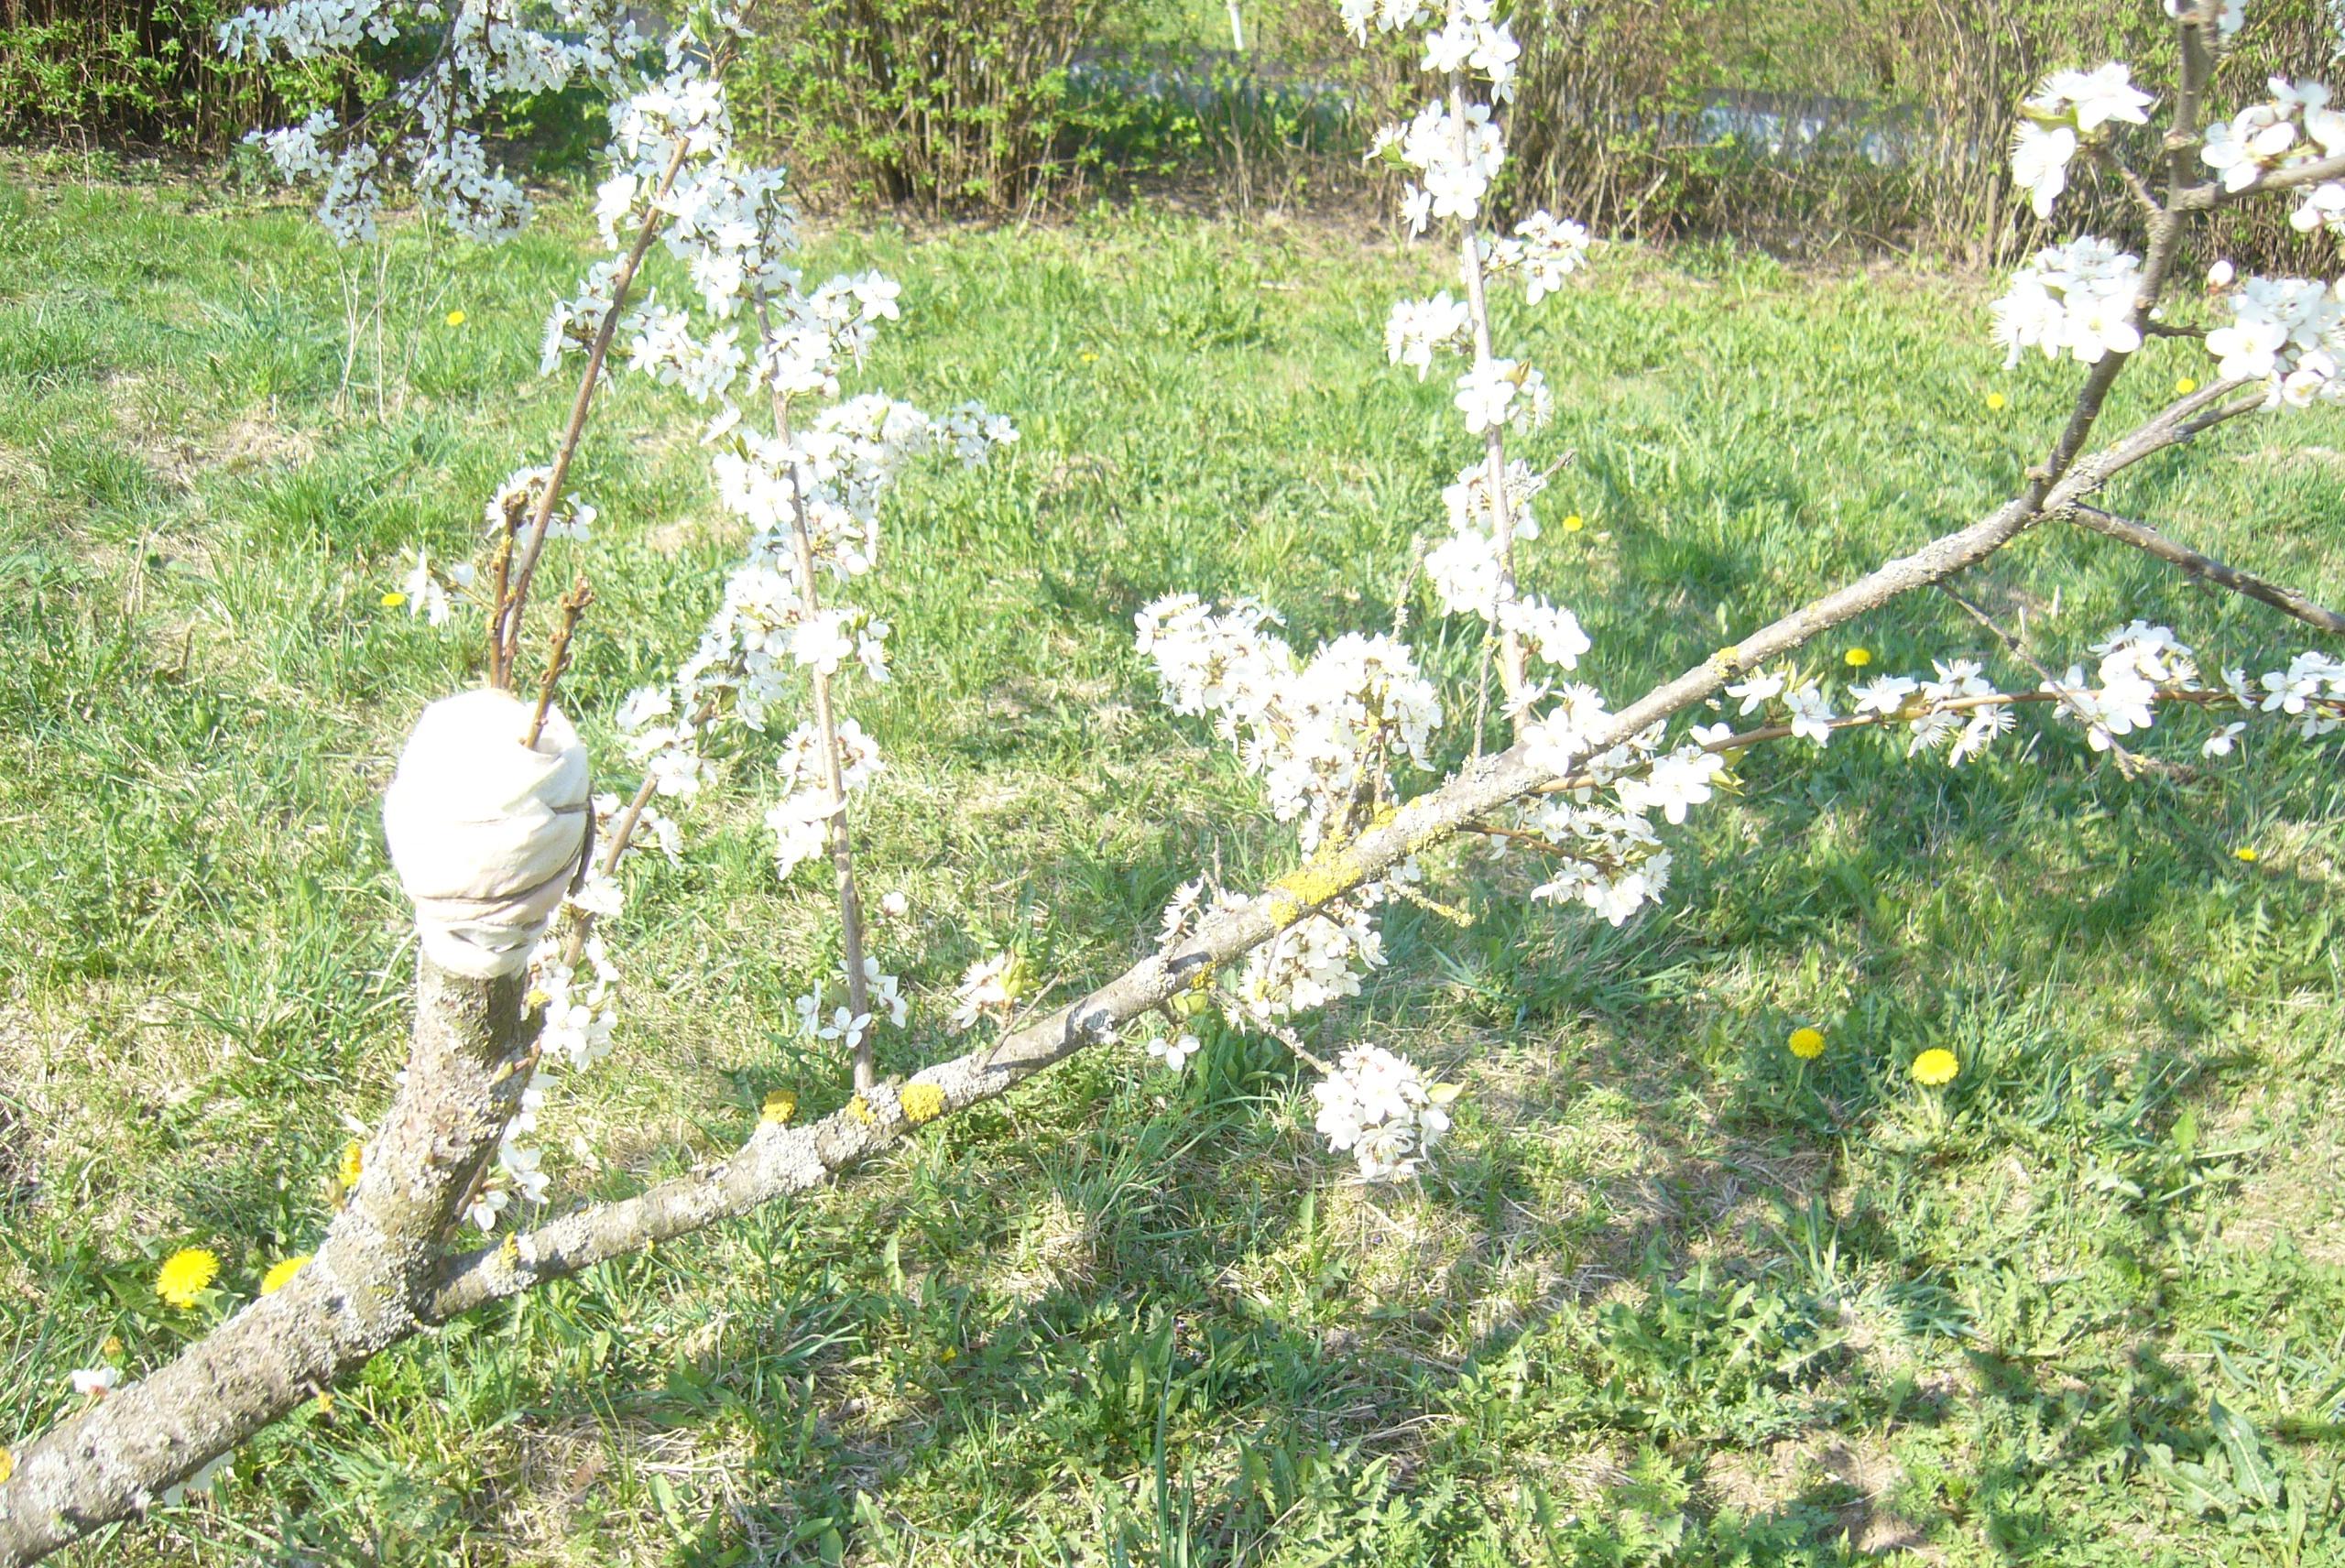 На ваш участок упало соседское плодовое дерево. Ваши действия?